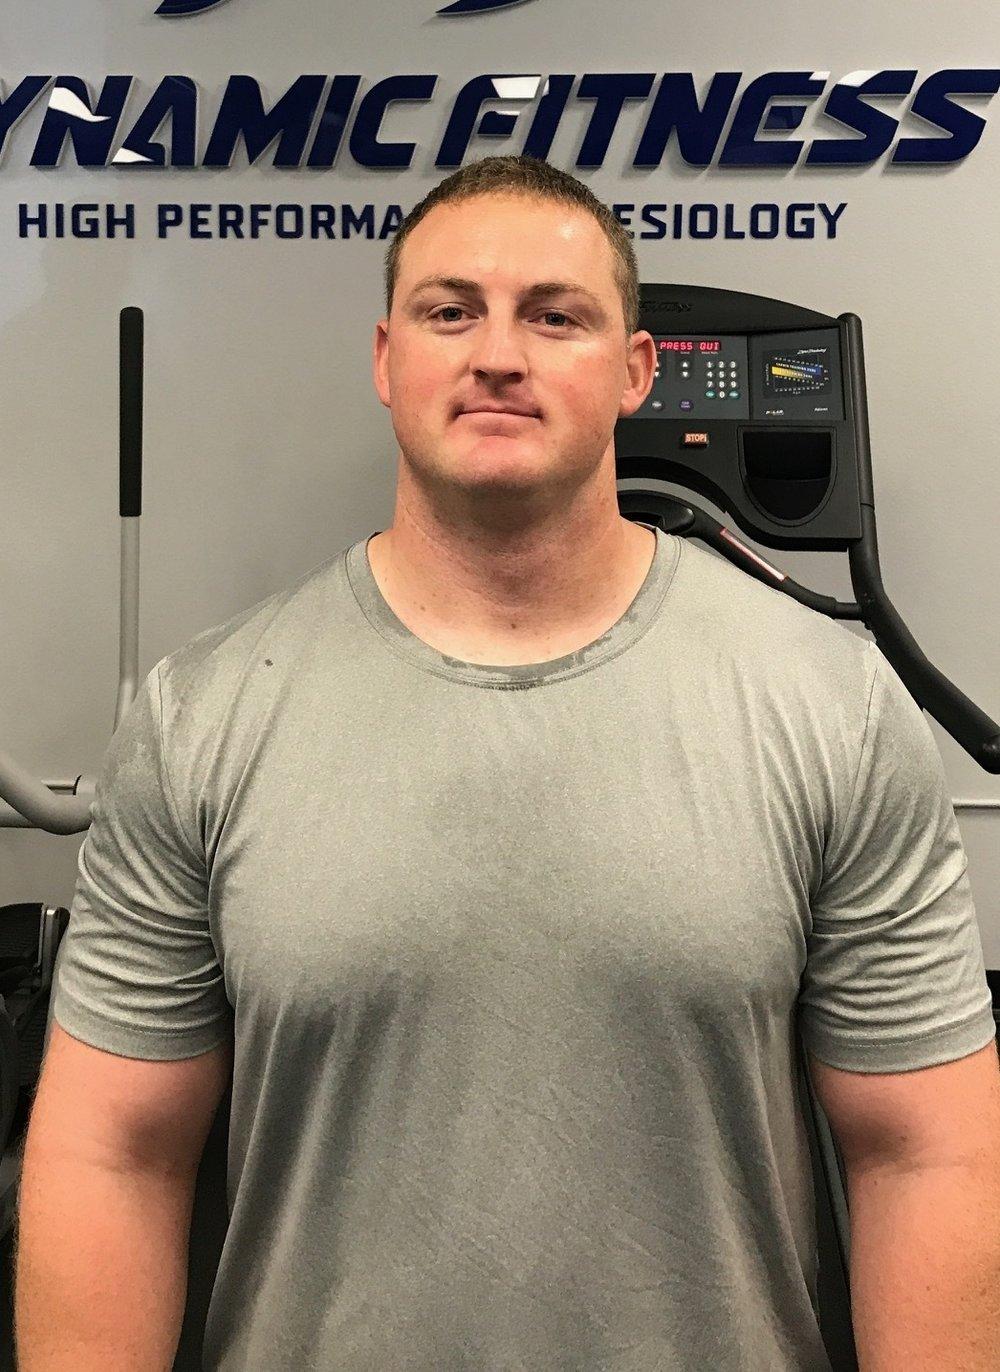 Dynamic-Fitness-HPK-Testimonial-William-Duke.JPG